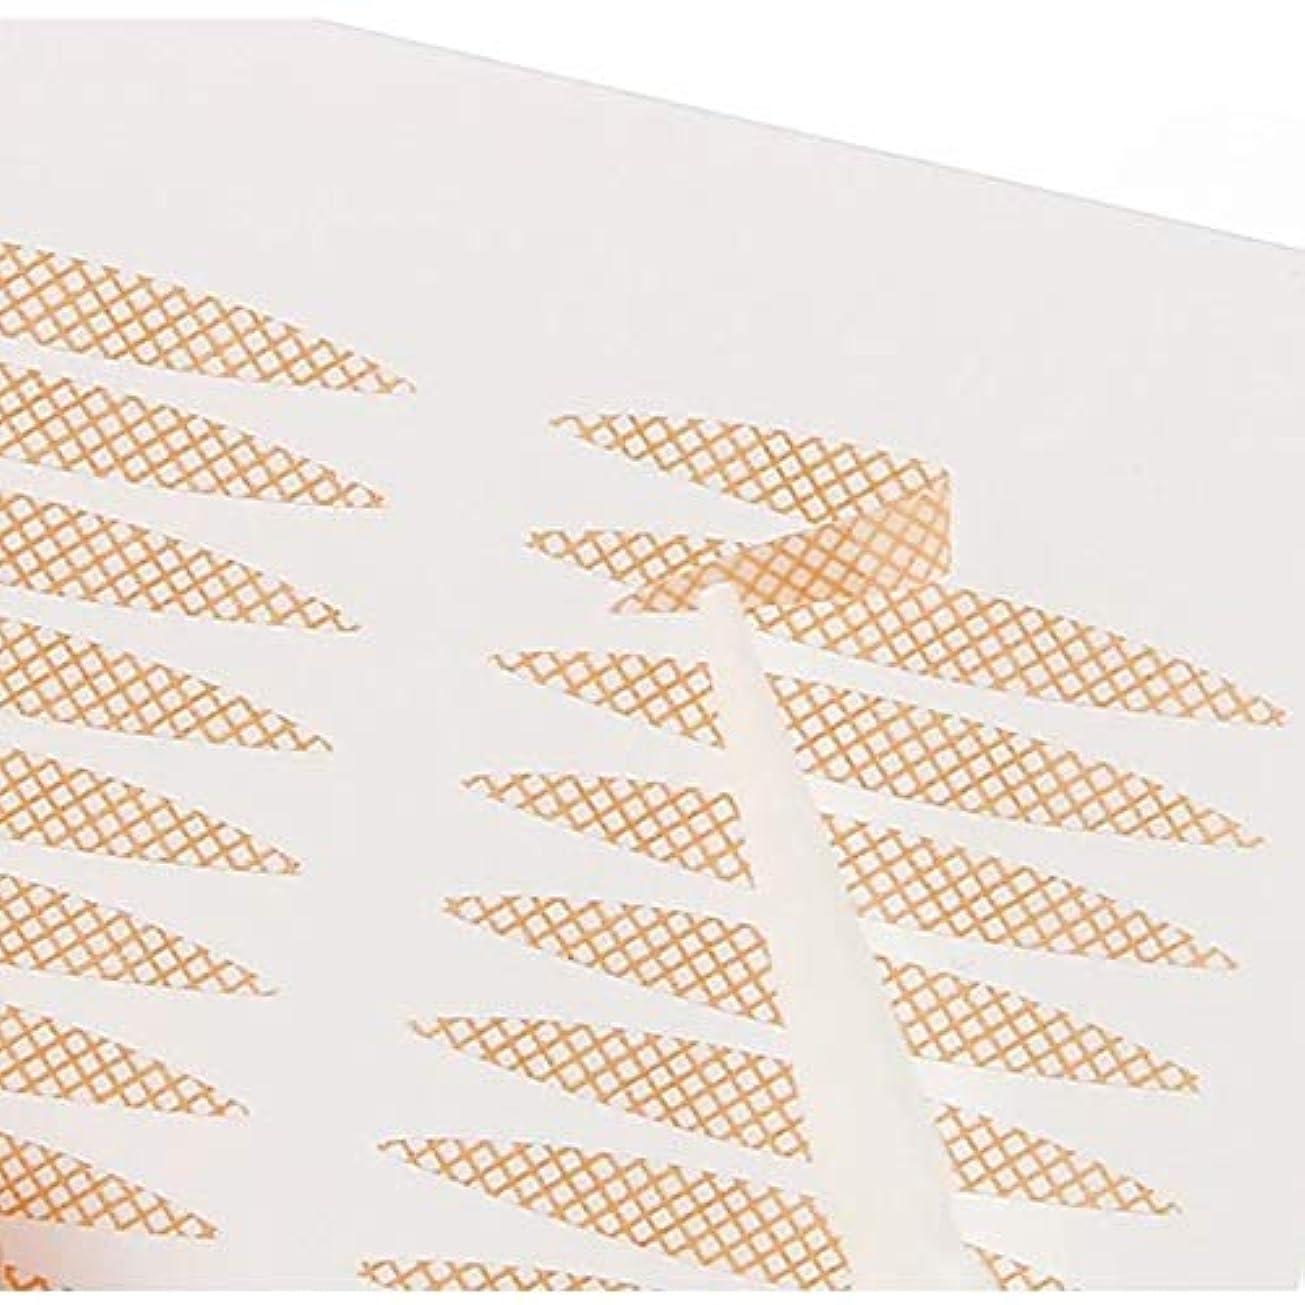 ピルファー溶岩力強いSweetSweetShop メッシュ式二重テープ 二重まぶた アイテープ ふたえまぶたテープ 癖付け 絆創膏タイプ 半月型 楕円型 240枚 120回分 4ヶ月分 プッシャー付き (混合タイプ232枚)